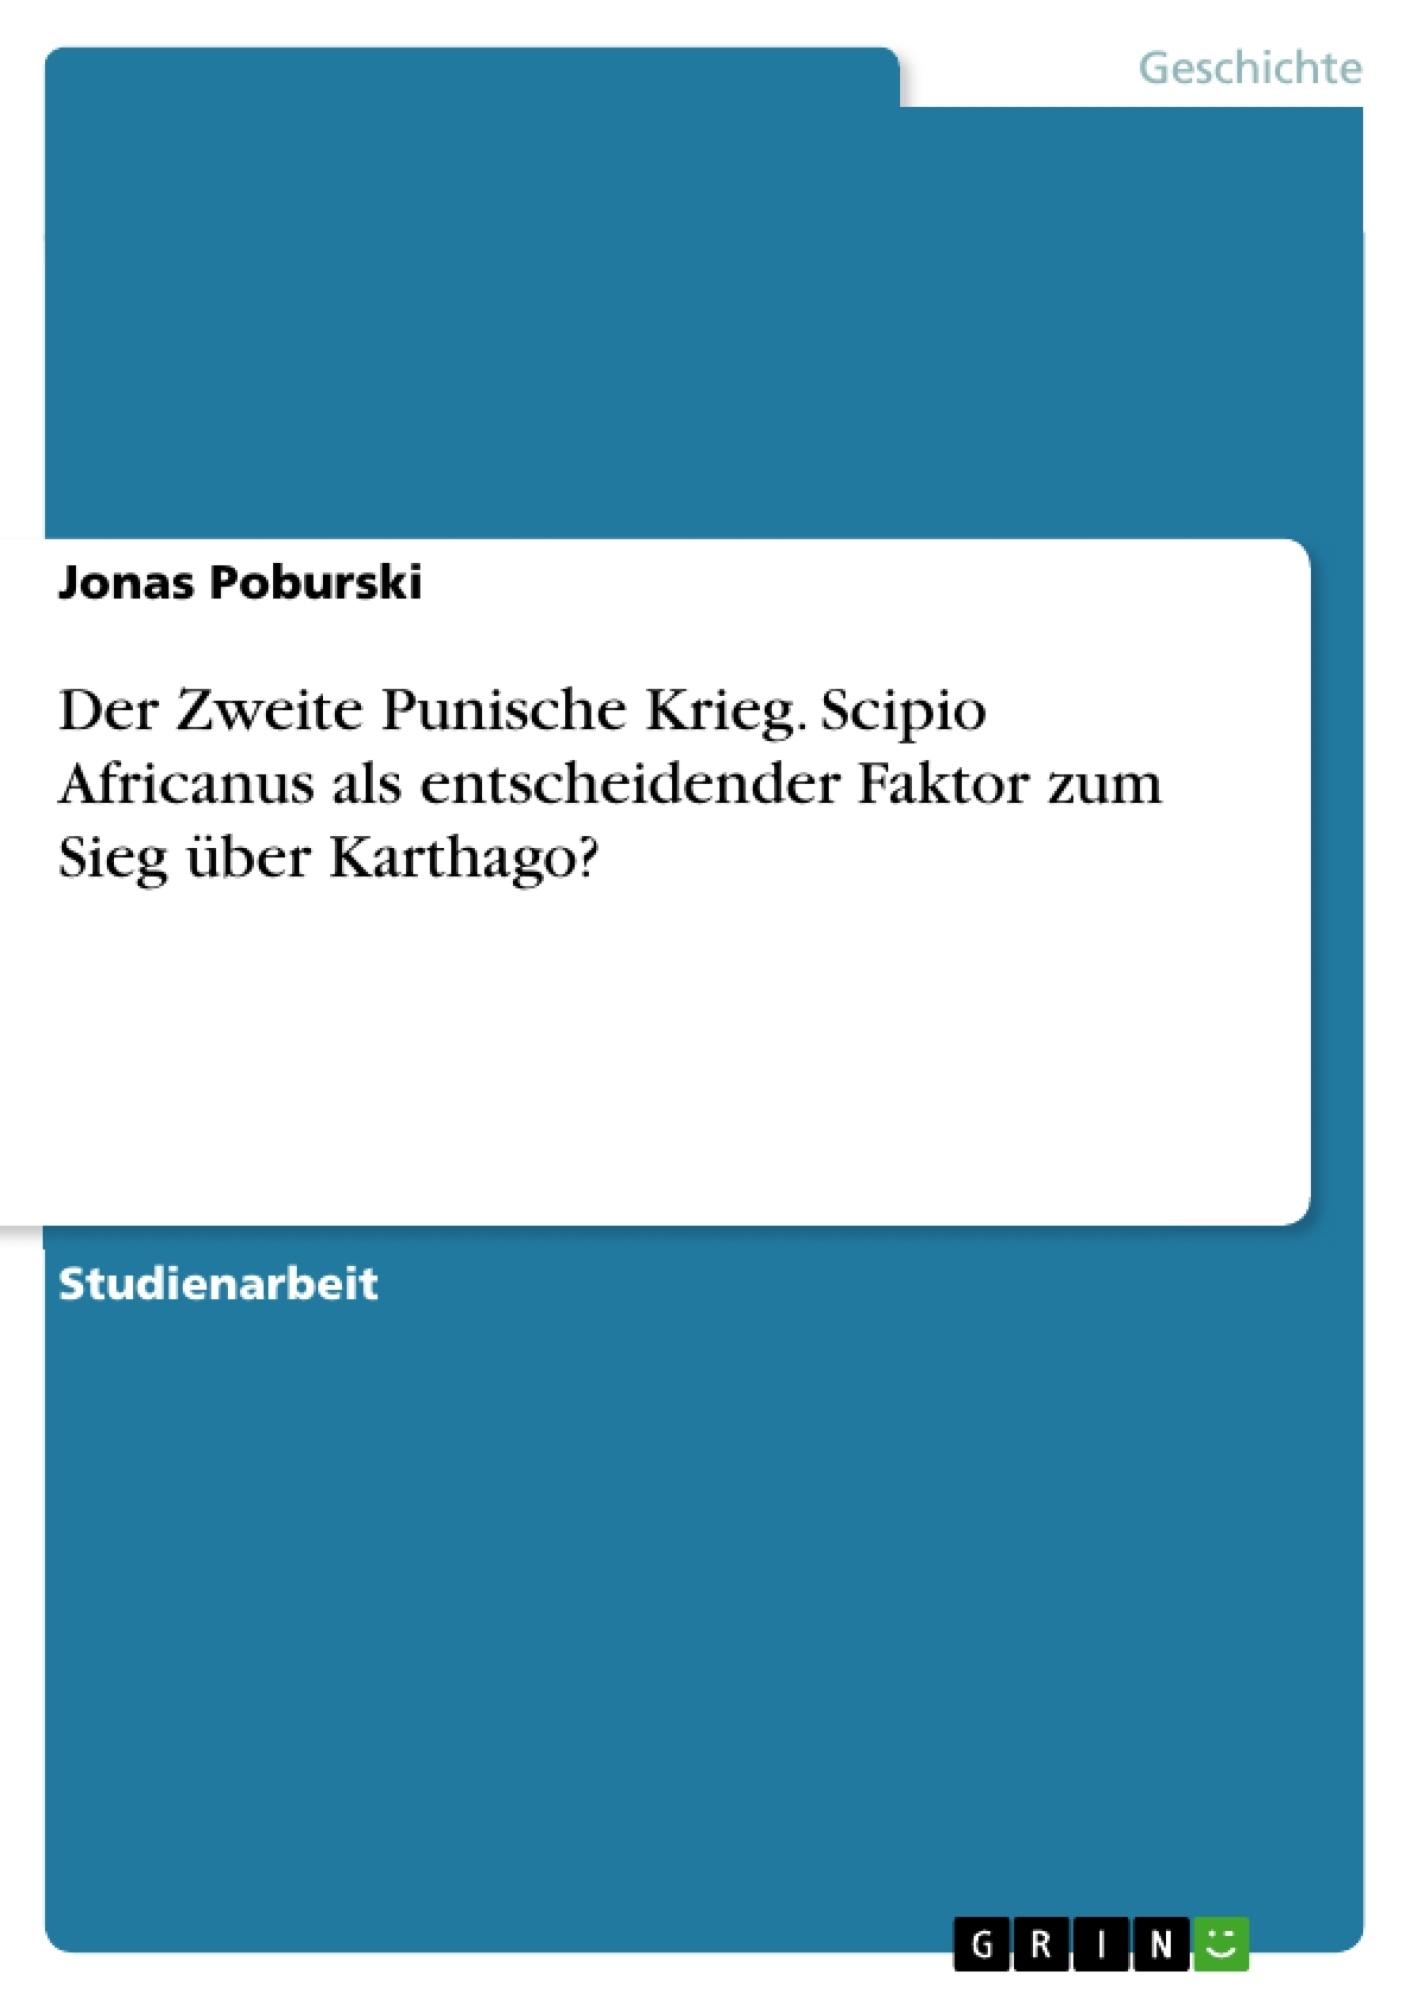 Titel: Der Zweite Punische Krieg. Scipio Africanus als entscheidender Faktor zum Sieg über Karthago?